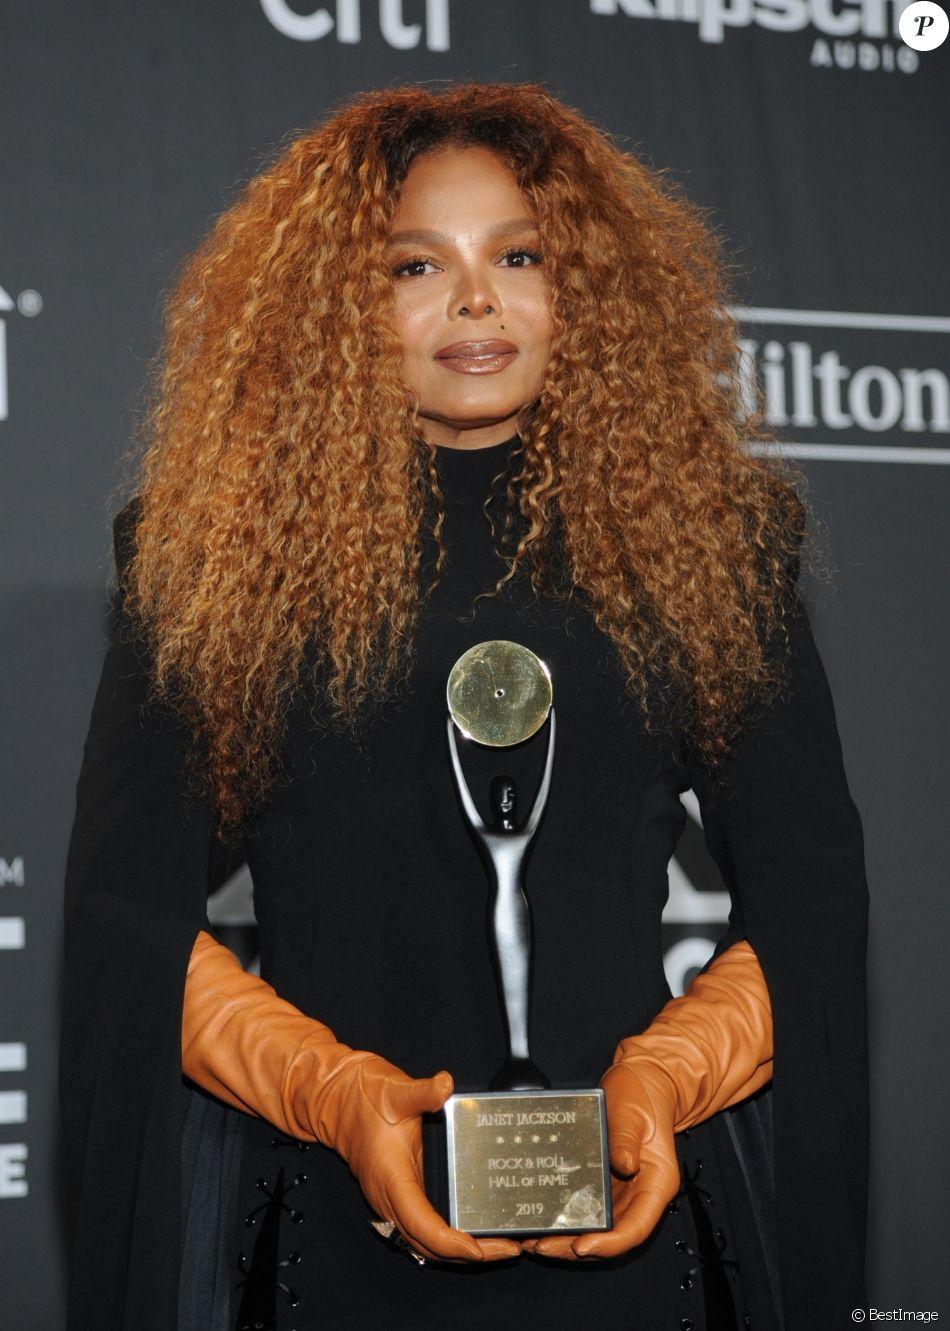 Janet Jackson à la soirée Rock & Roll Hall Of Fame Induction au Barclays Center dans le quartier de Brooklyn à New York, le 29 mars 2019.